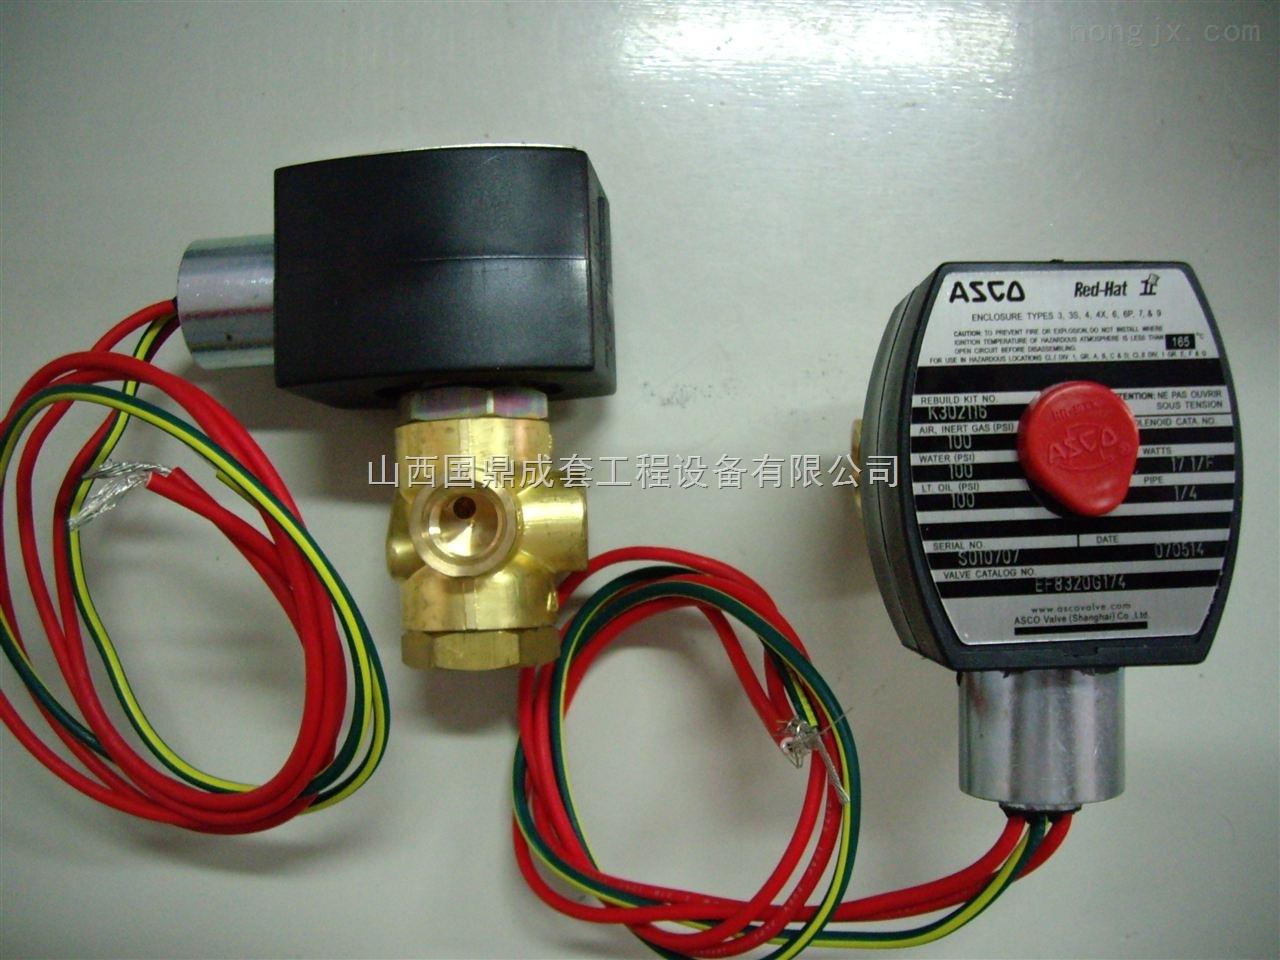 美国ASCO电磁阀VCEFCMG551H301MO现货